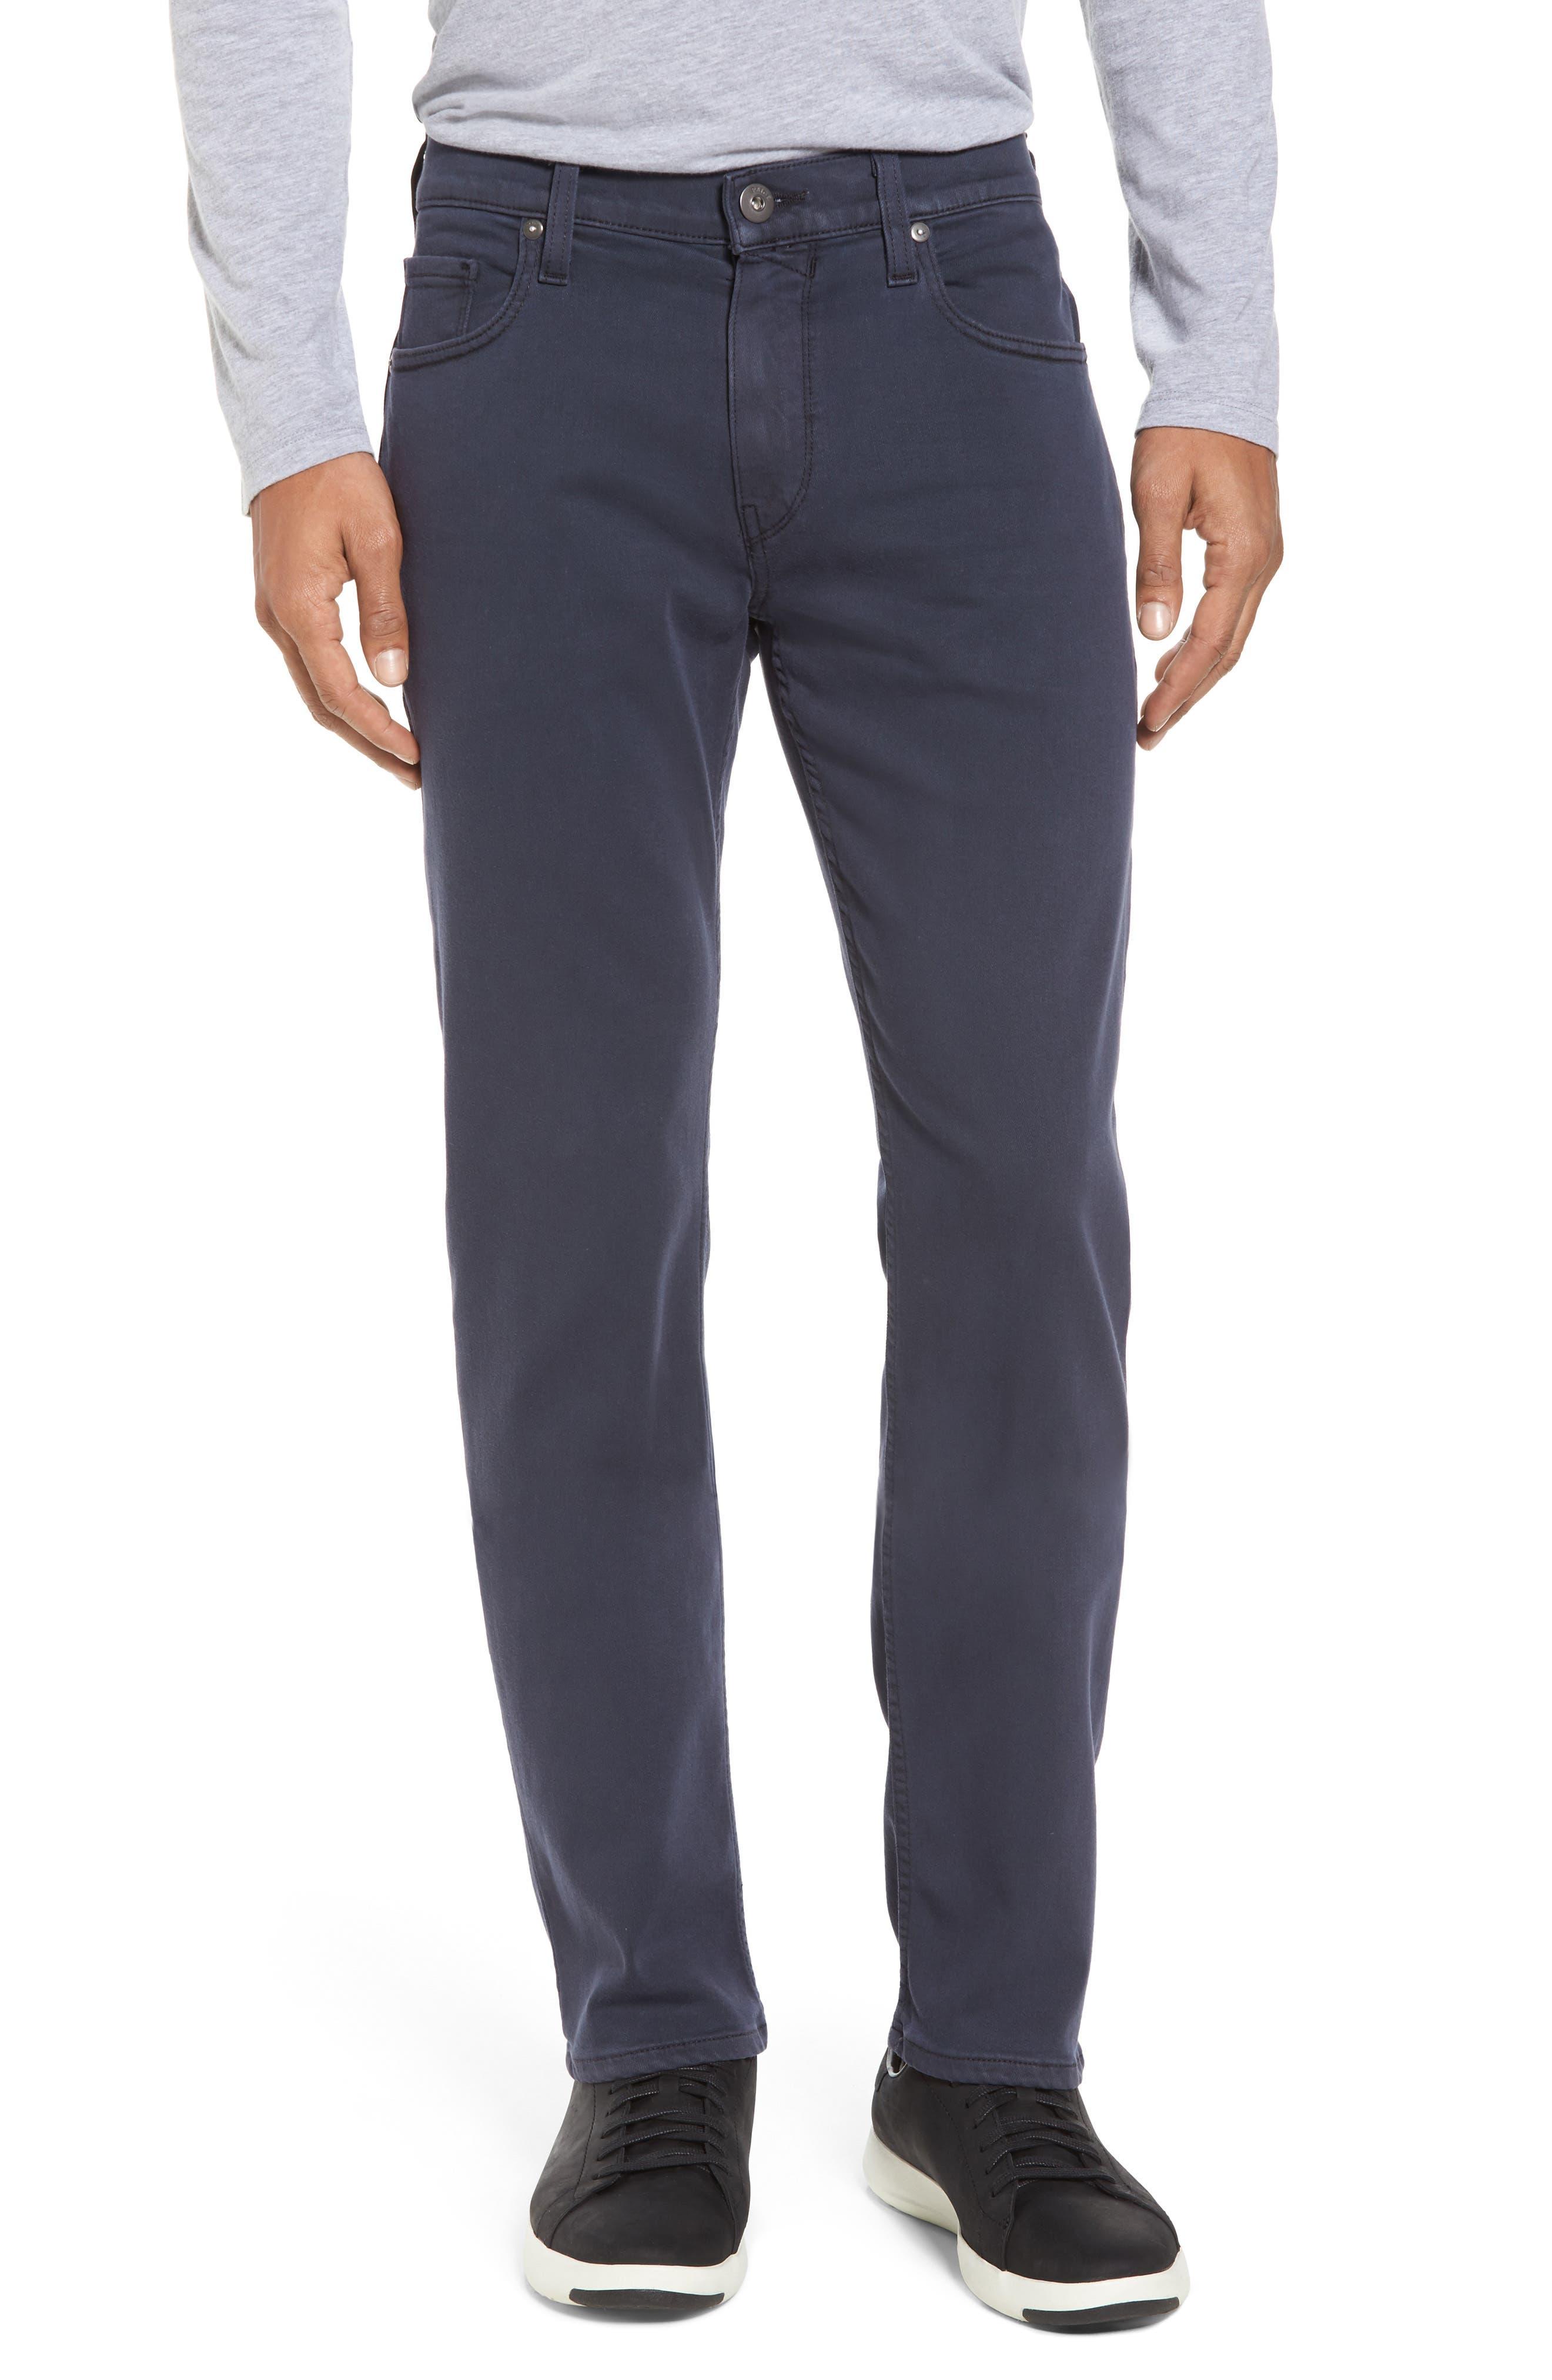 Main Image - PAIGE Transcend - Federal Slim Straight Leg Jeans (Vintage Deep Sea)